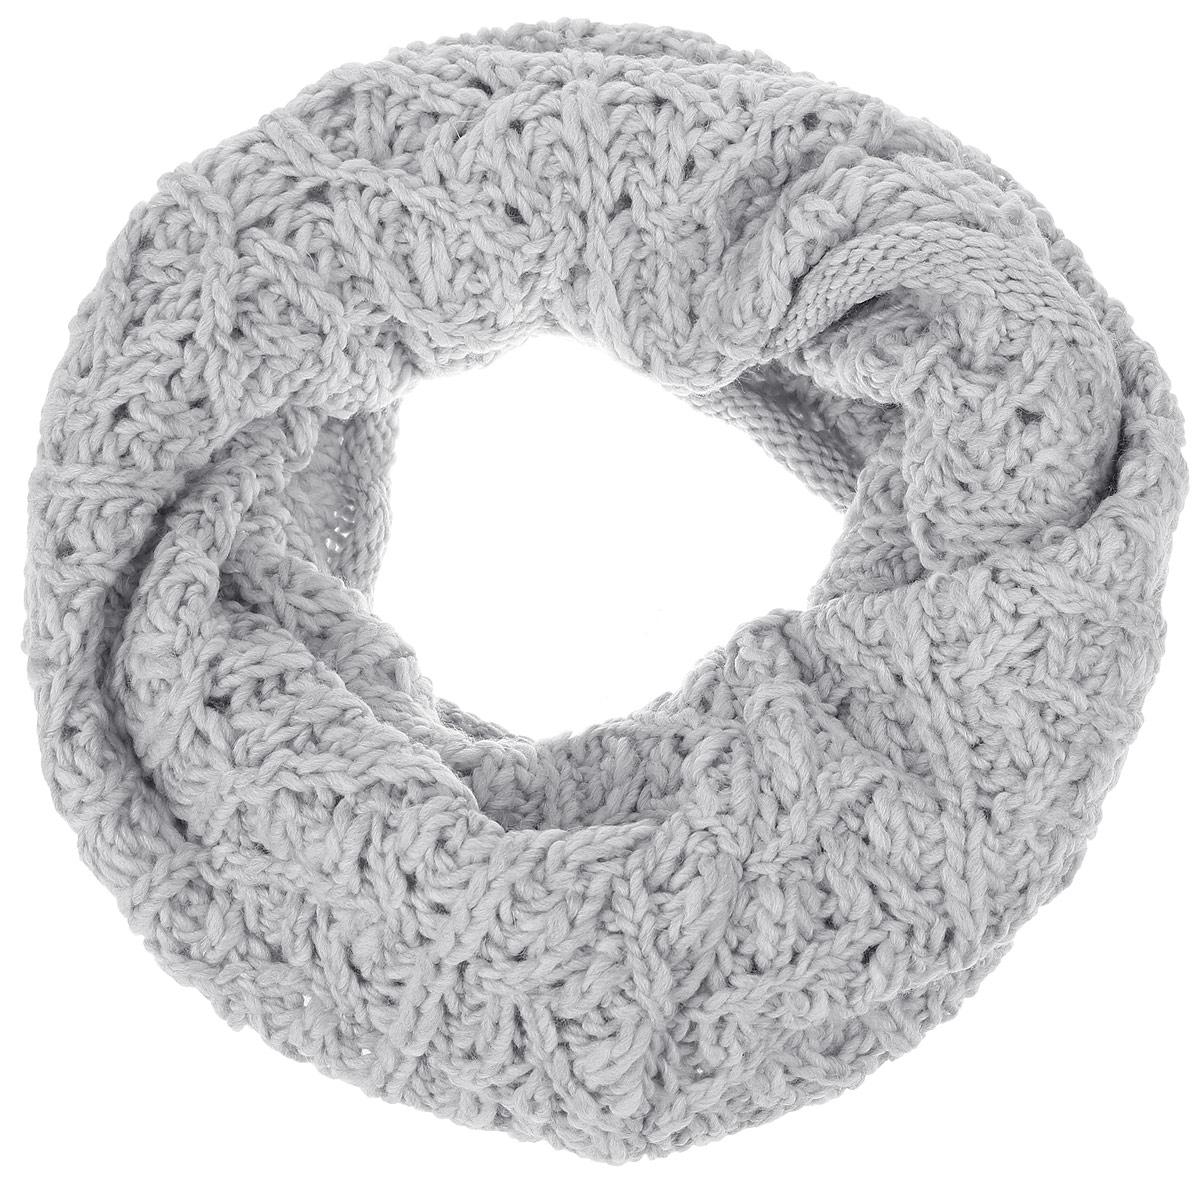 Снуд-хомут женский. B325B325_CACTUSСтильный вязаный снуд-хомут Baon идеально подойдет для прогулок в холодное время года. Он обладает хорошими дышащими свойствами и хорошо удерживает тепло. Такой шарф станет модным и стильным предметом вашего гардероба. Он улучшит настроение даже в хмурые холодные дни.